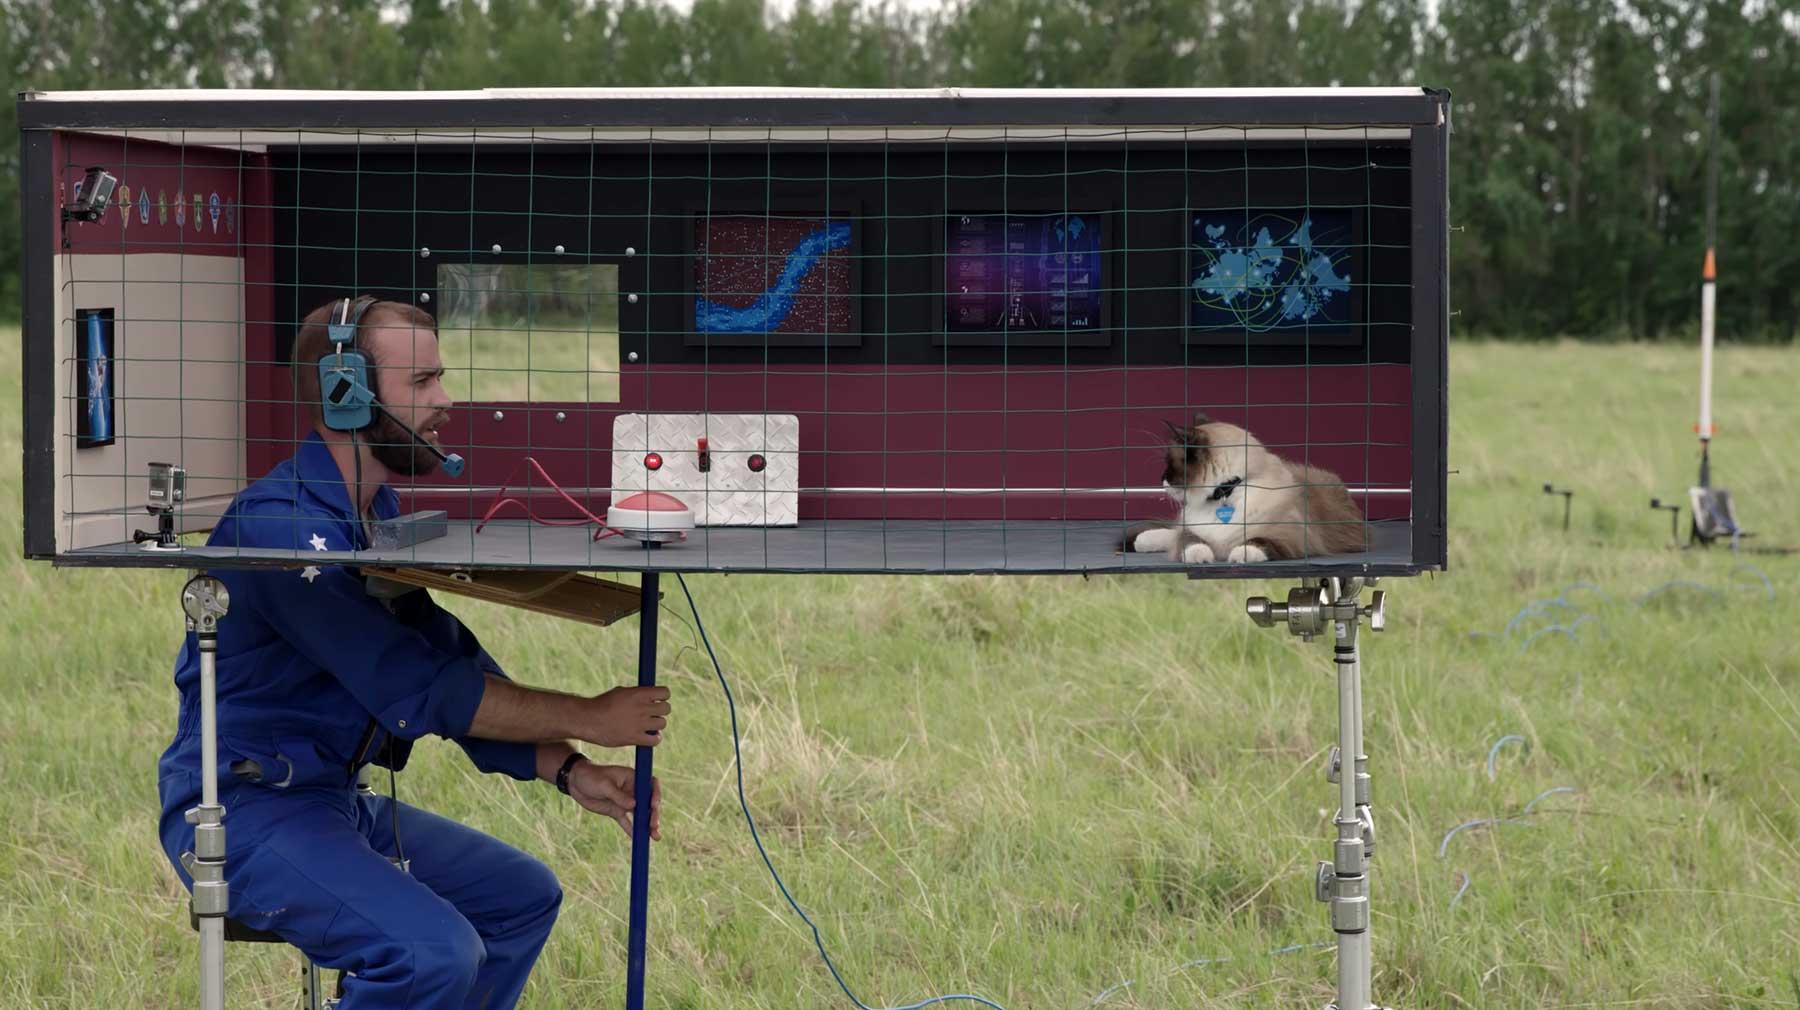 Einer Katze antrainieren, auf Kommando eine Rakete abzufeuern